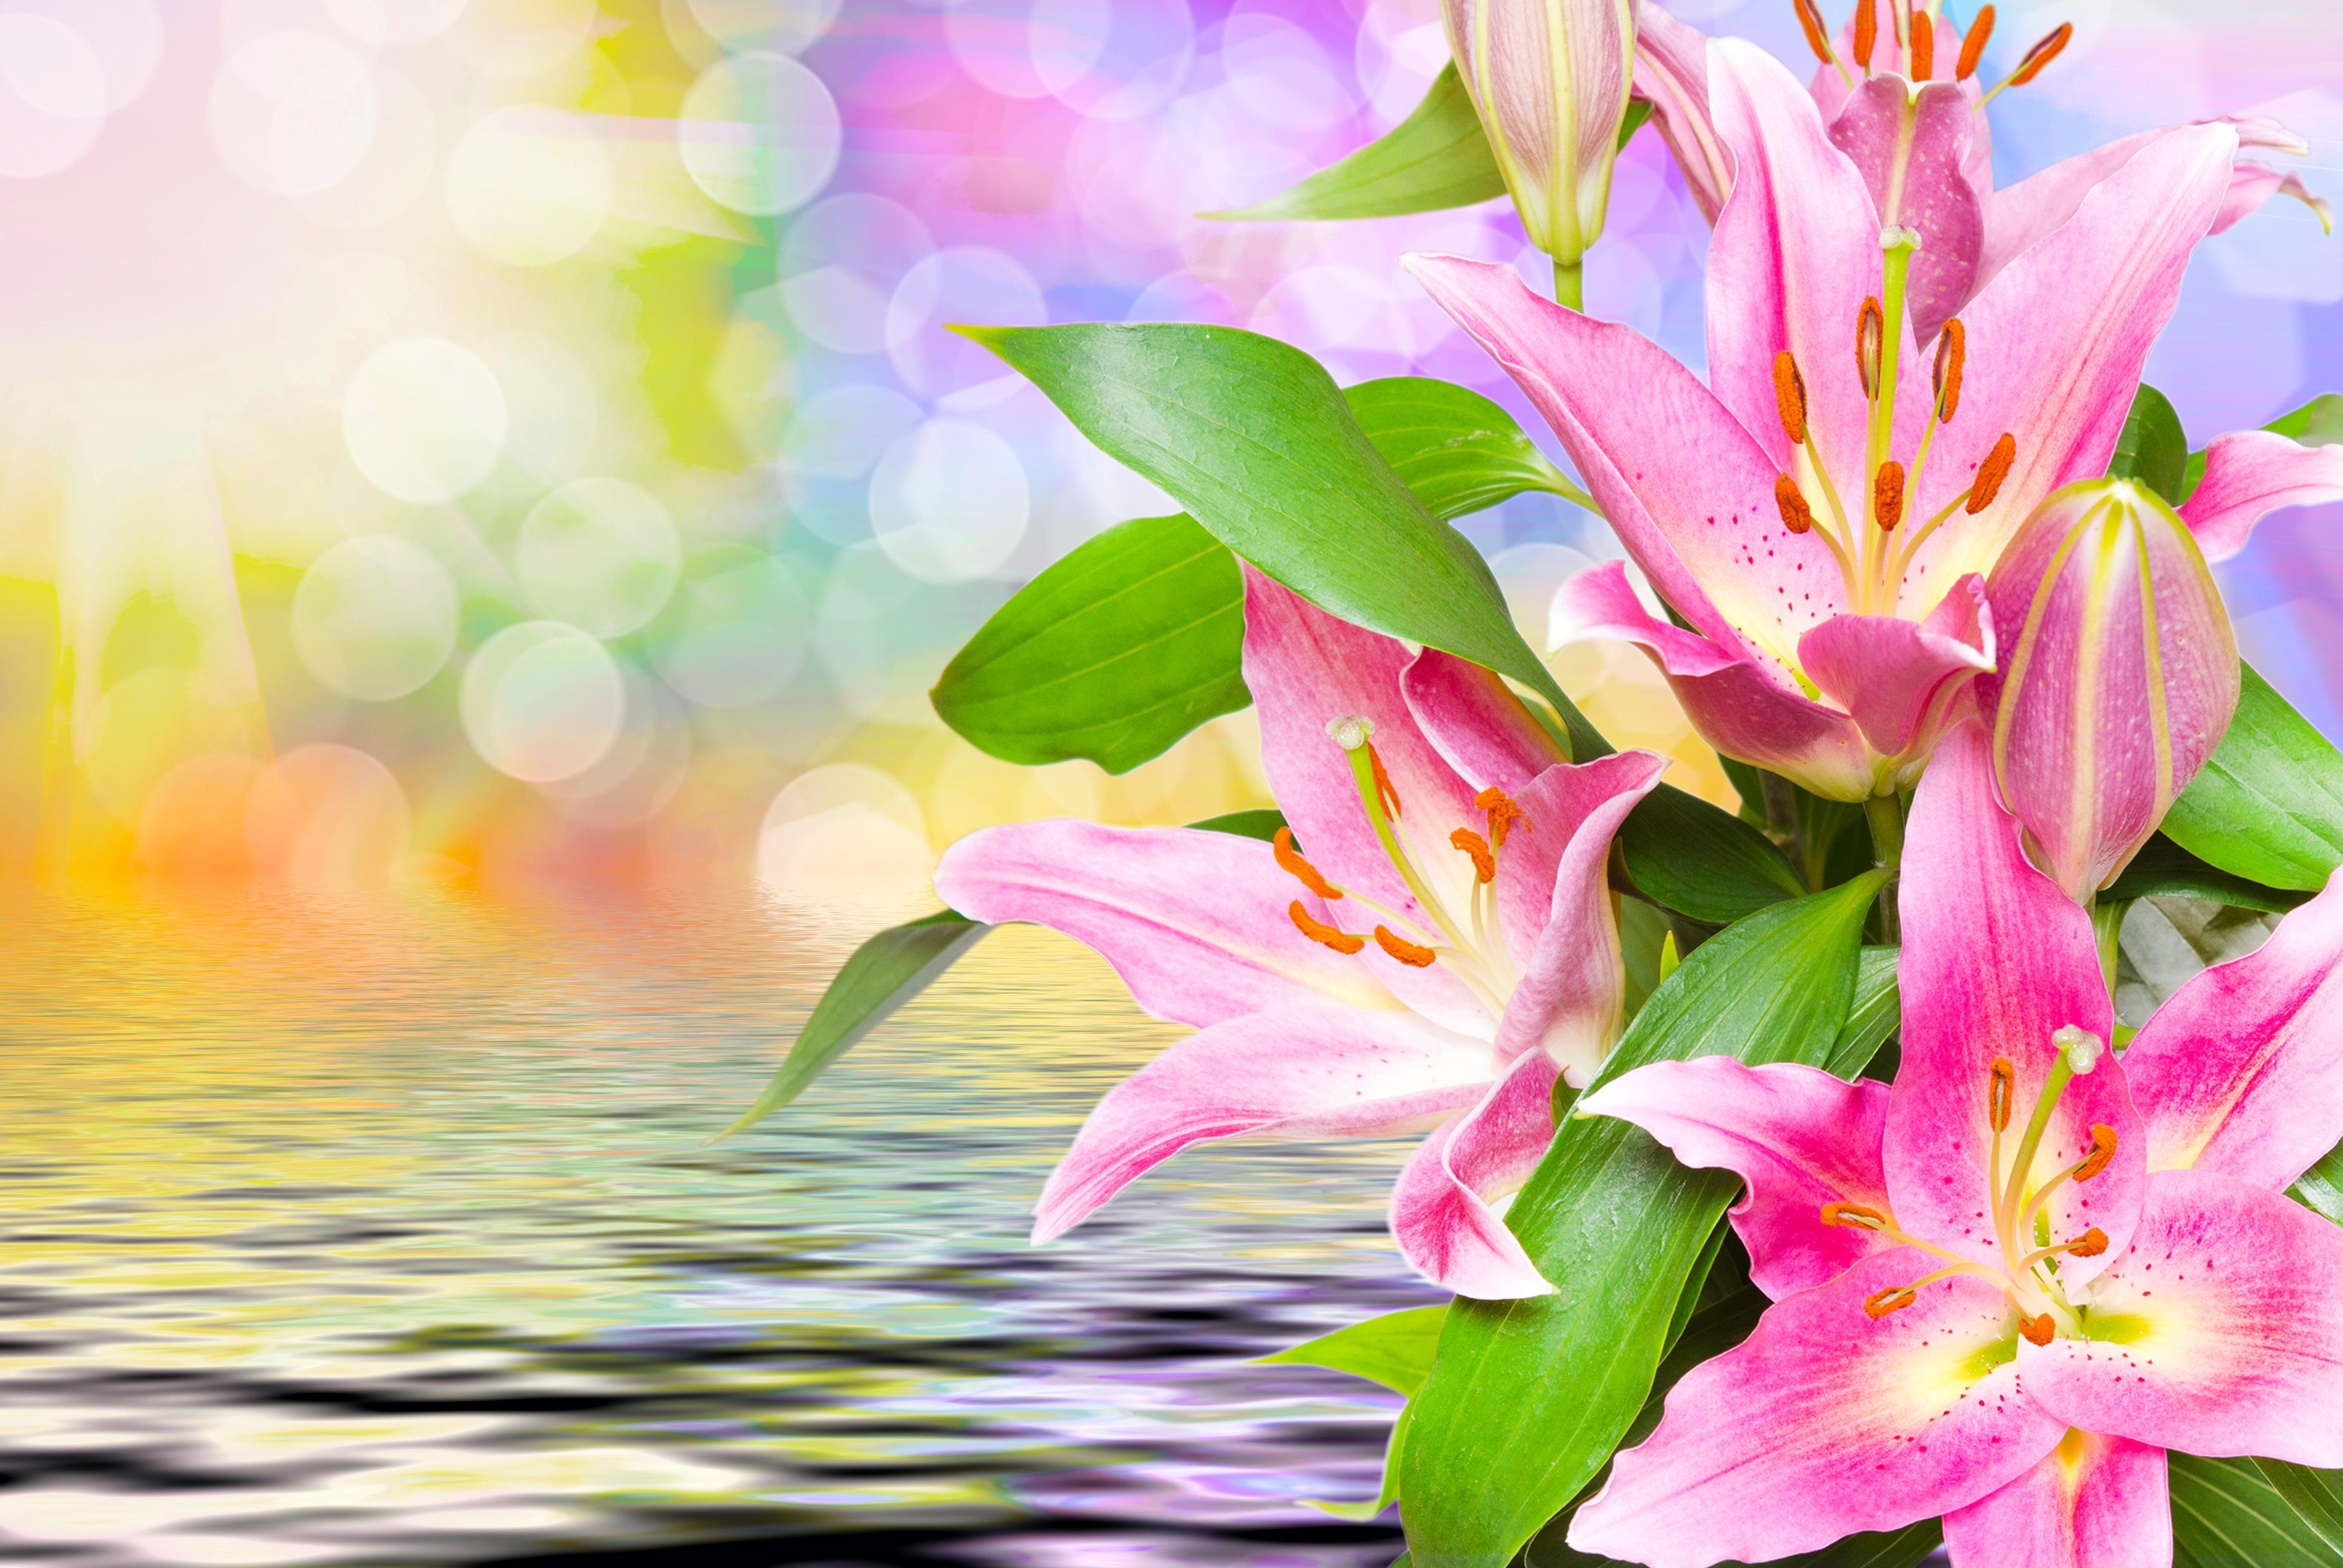 красивые цветы, лилии, лилия